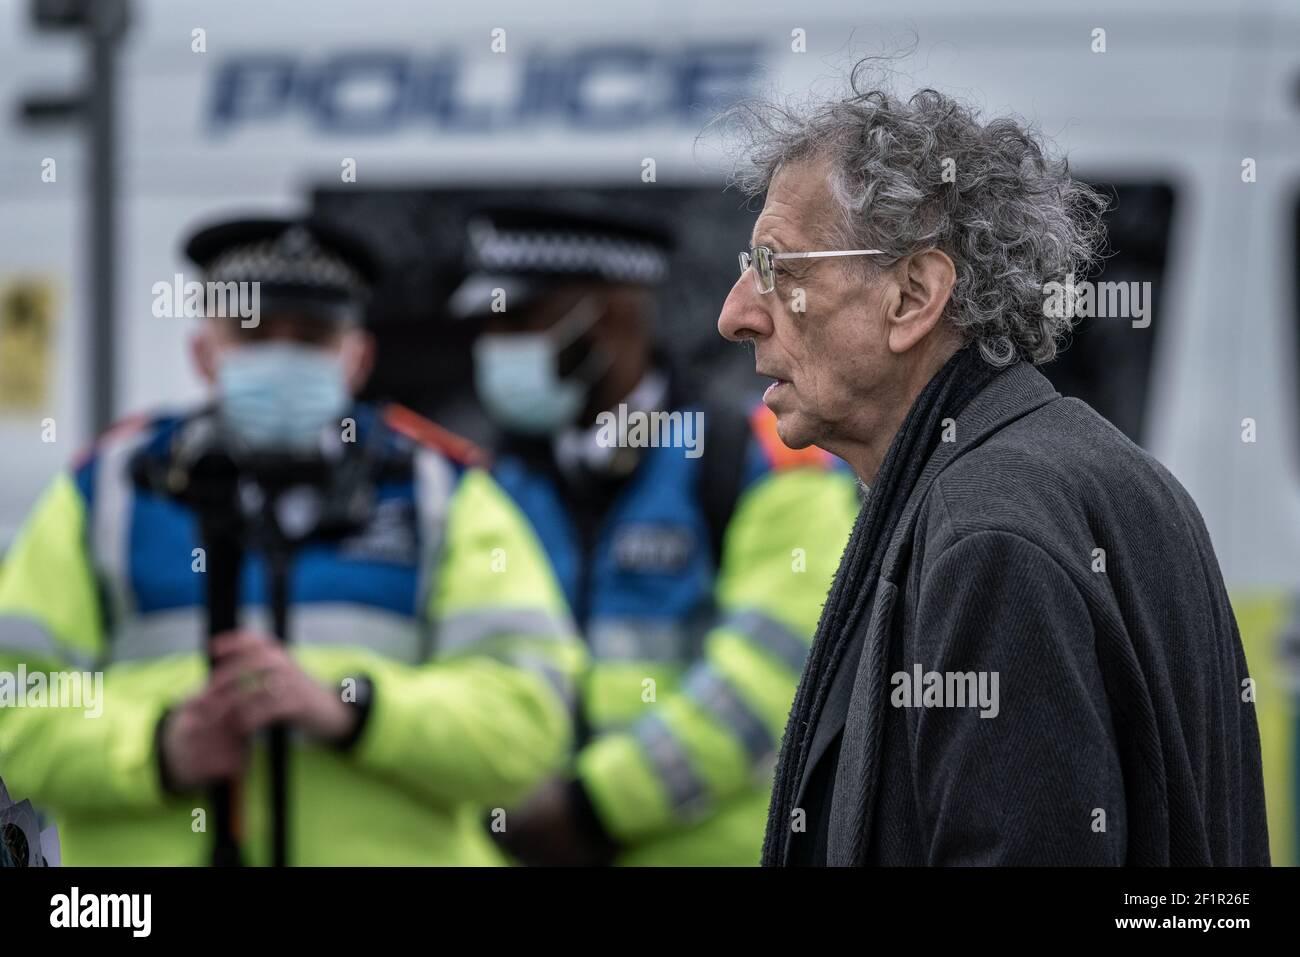 Coronavirus : Piers Corbyn assiste à une tentative d'action anti-verrouillage de 20-30 manifestants sur Richmond Green, dans le sud-est de Londres, au Royaume-Uni. Banque D'Images